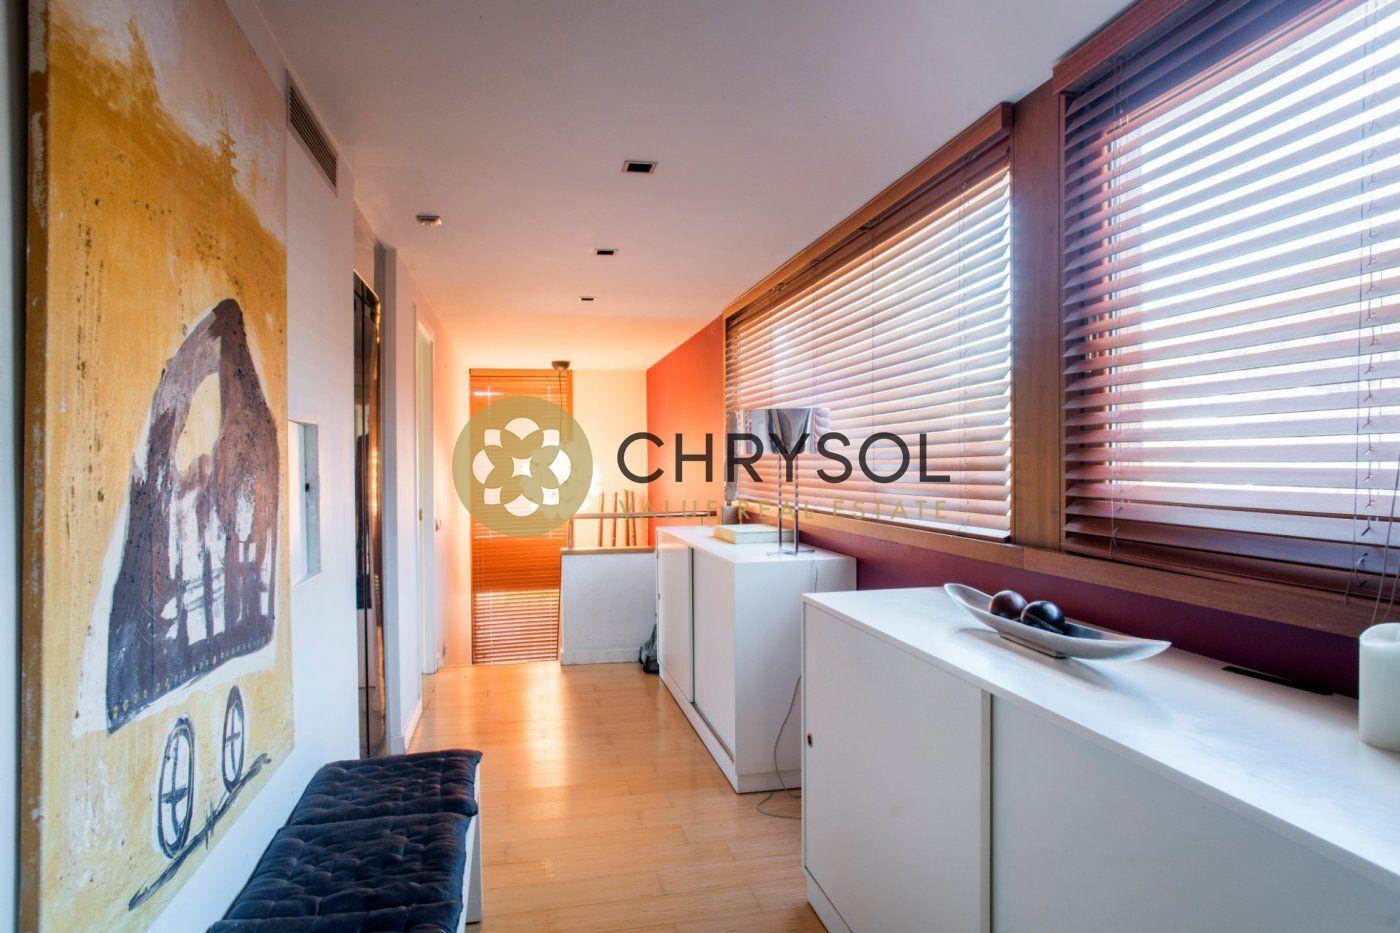 Fotogalería - 27 - Chrysol Value